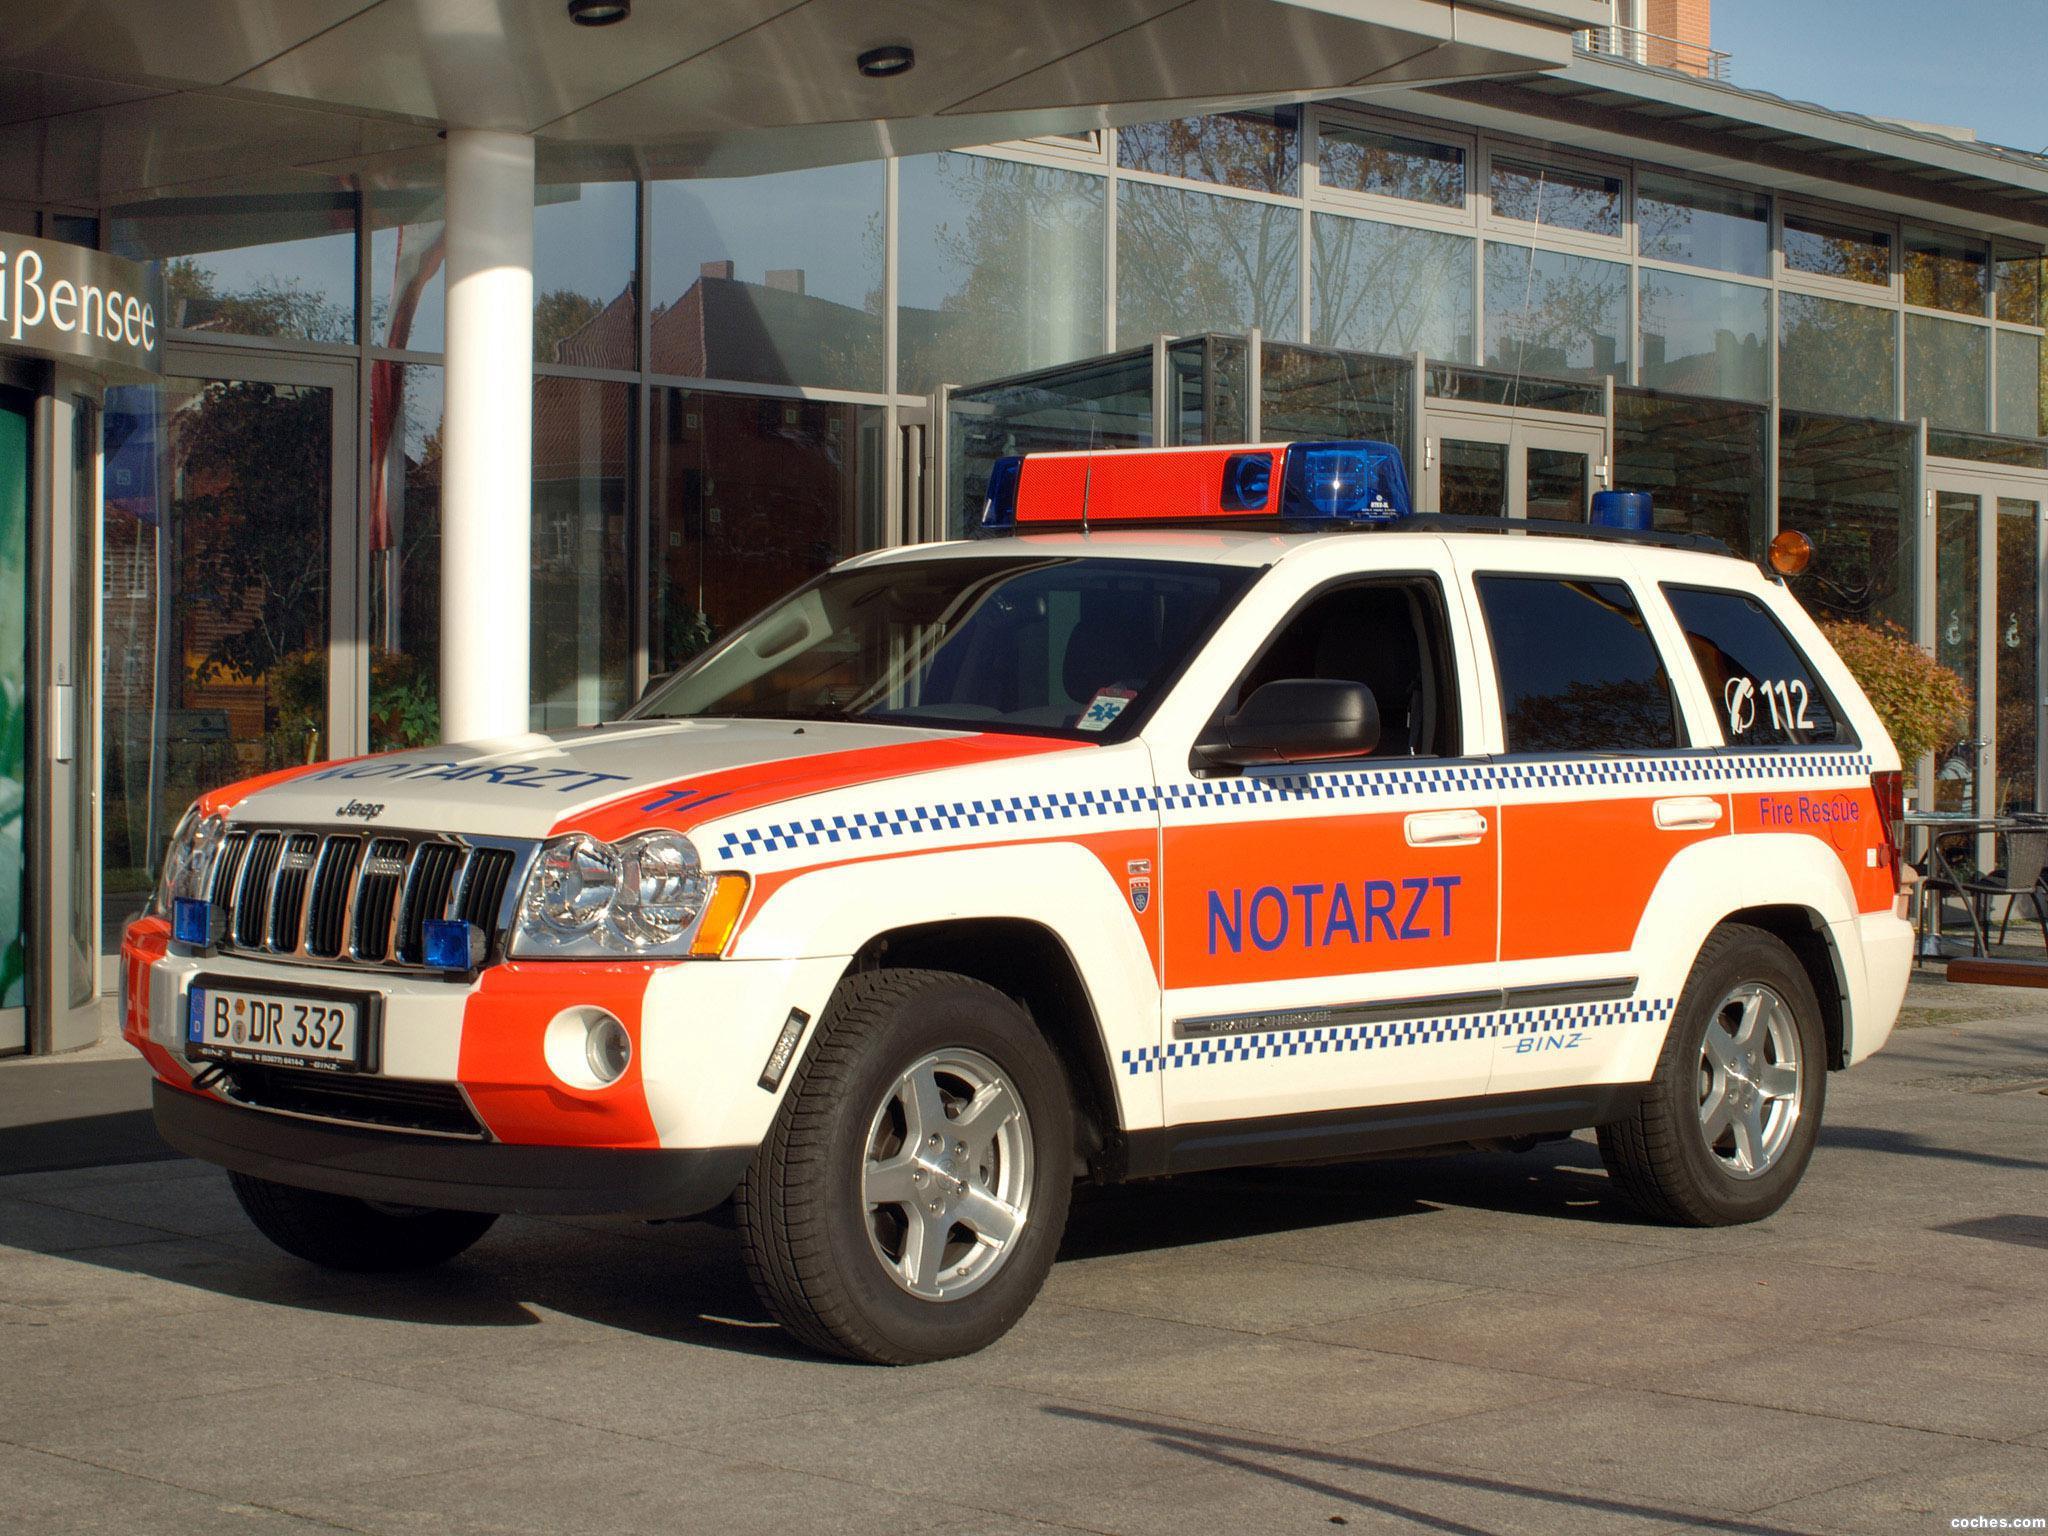 Foto 0 de Binz Jeep Grand Cherokee Notarzt 2005